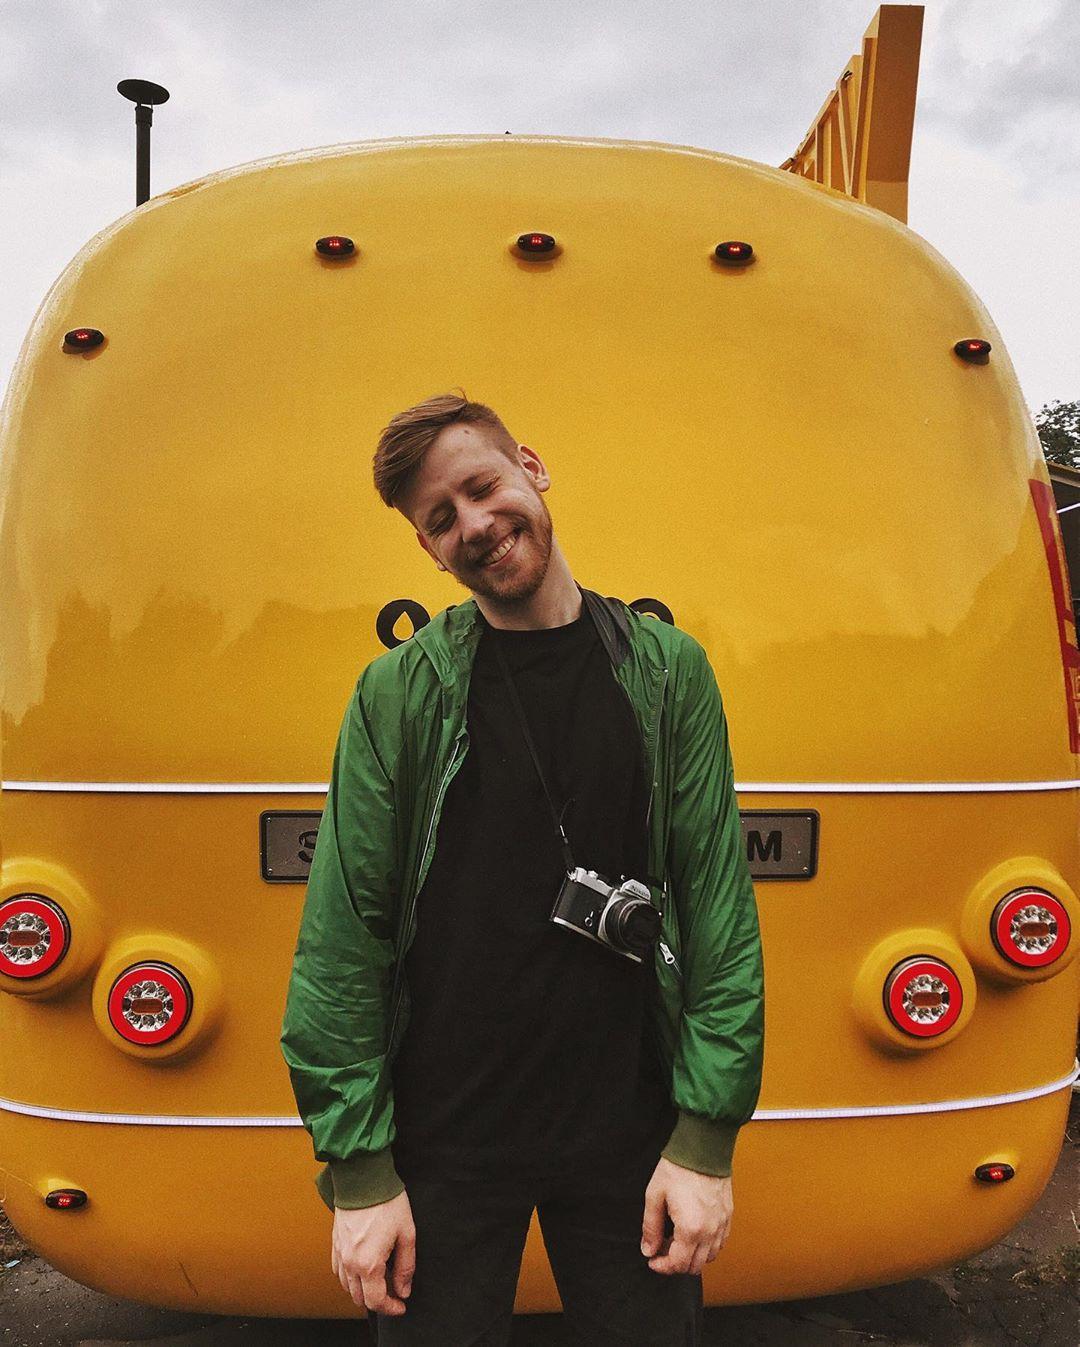 Это, конечно, не Yellow Submarine, но @kraskoe все равно остался доволен. А как по другому, когда вокруг любимые исполнители